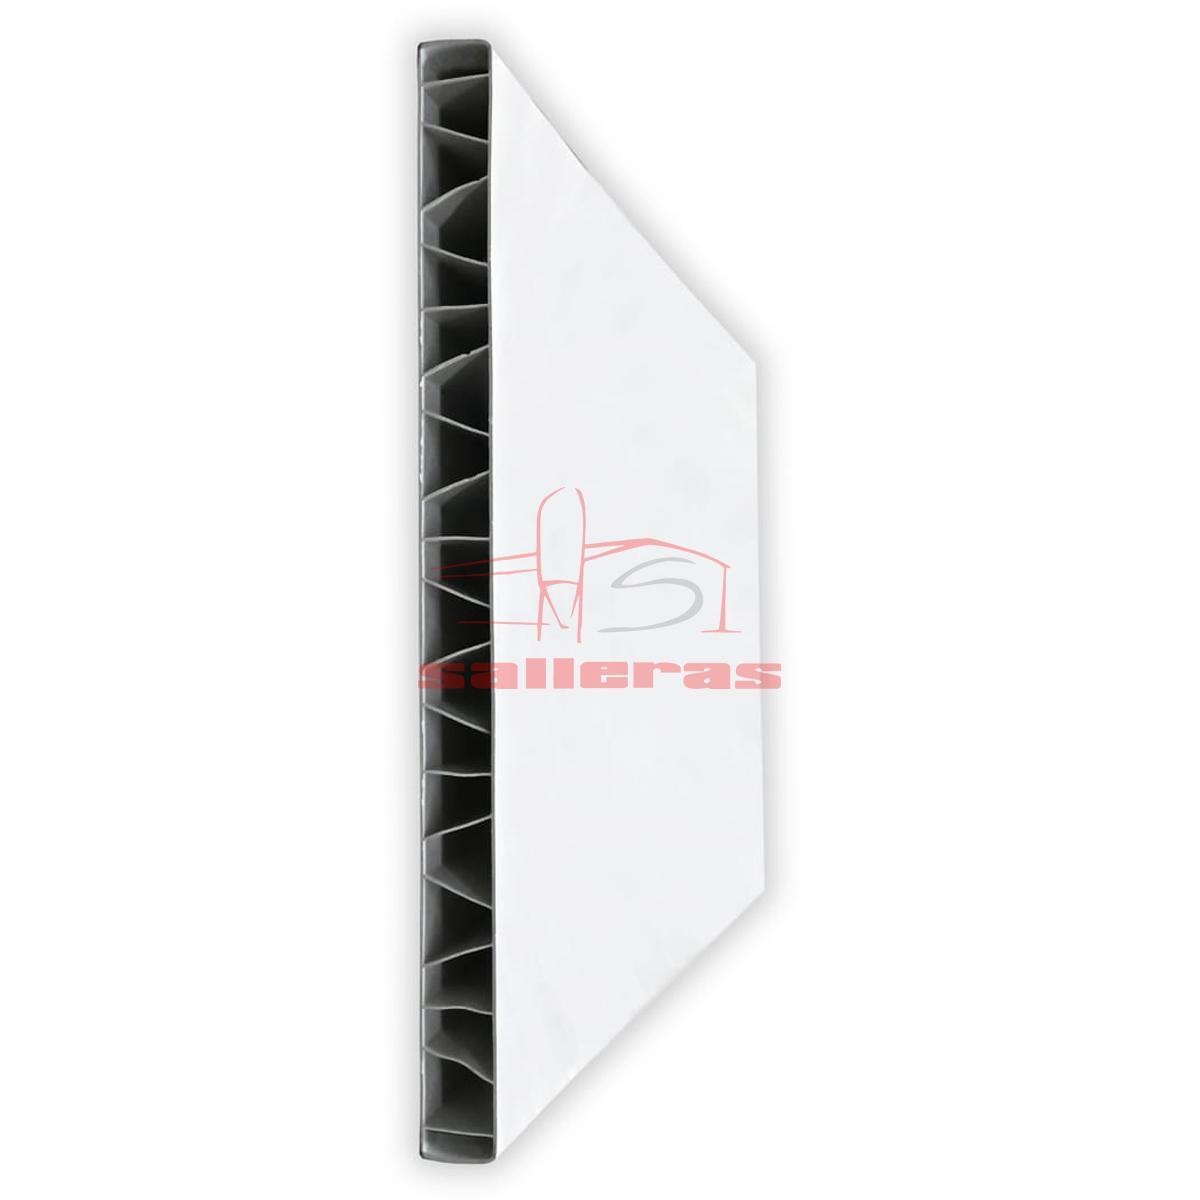 Panel de pvc blanco de encaje liso a liso PR